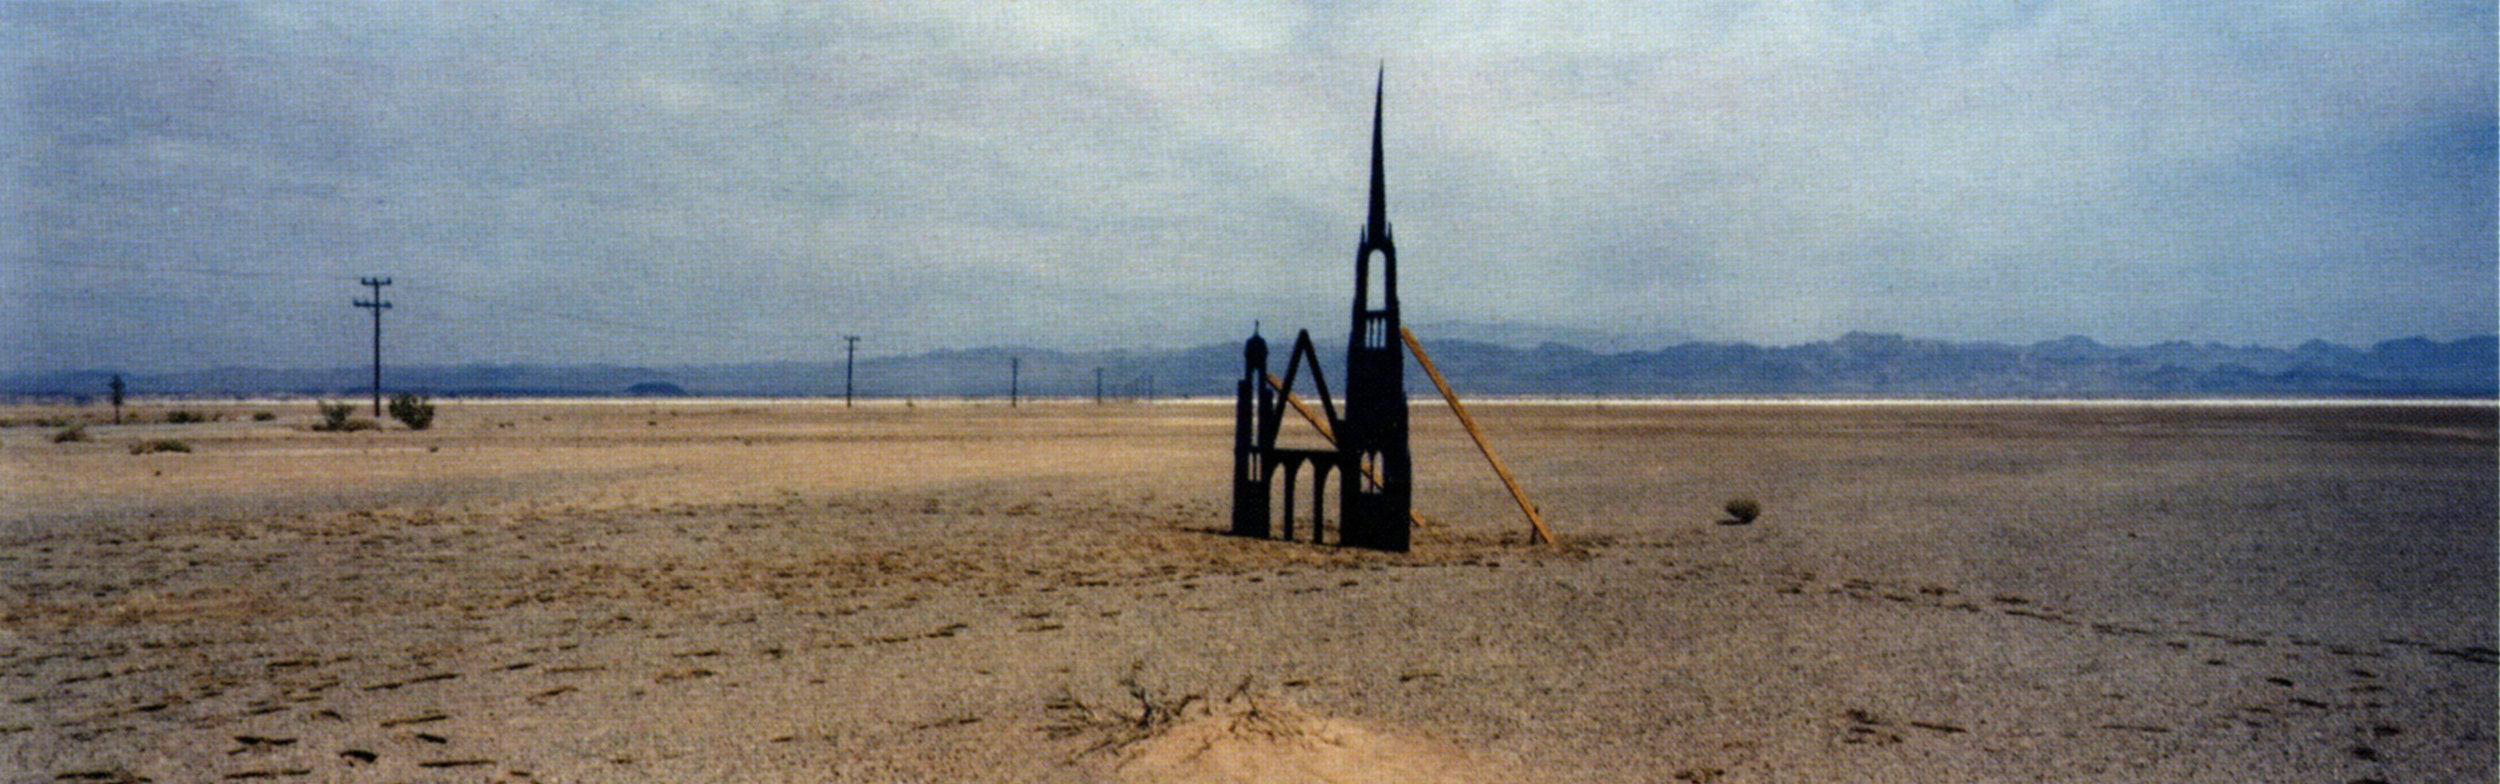 Timothy HEARSUM   Near Amboy, CA   1995